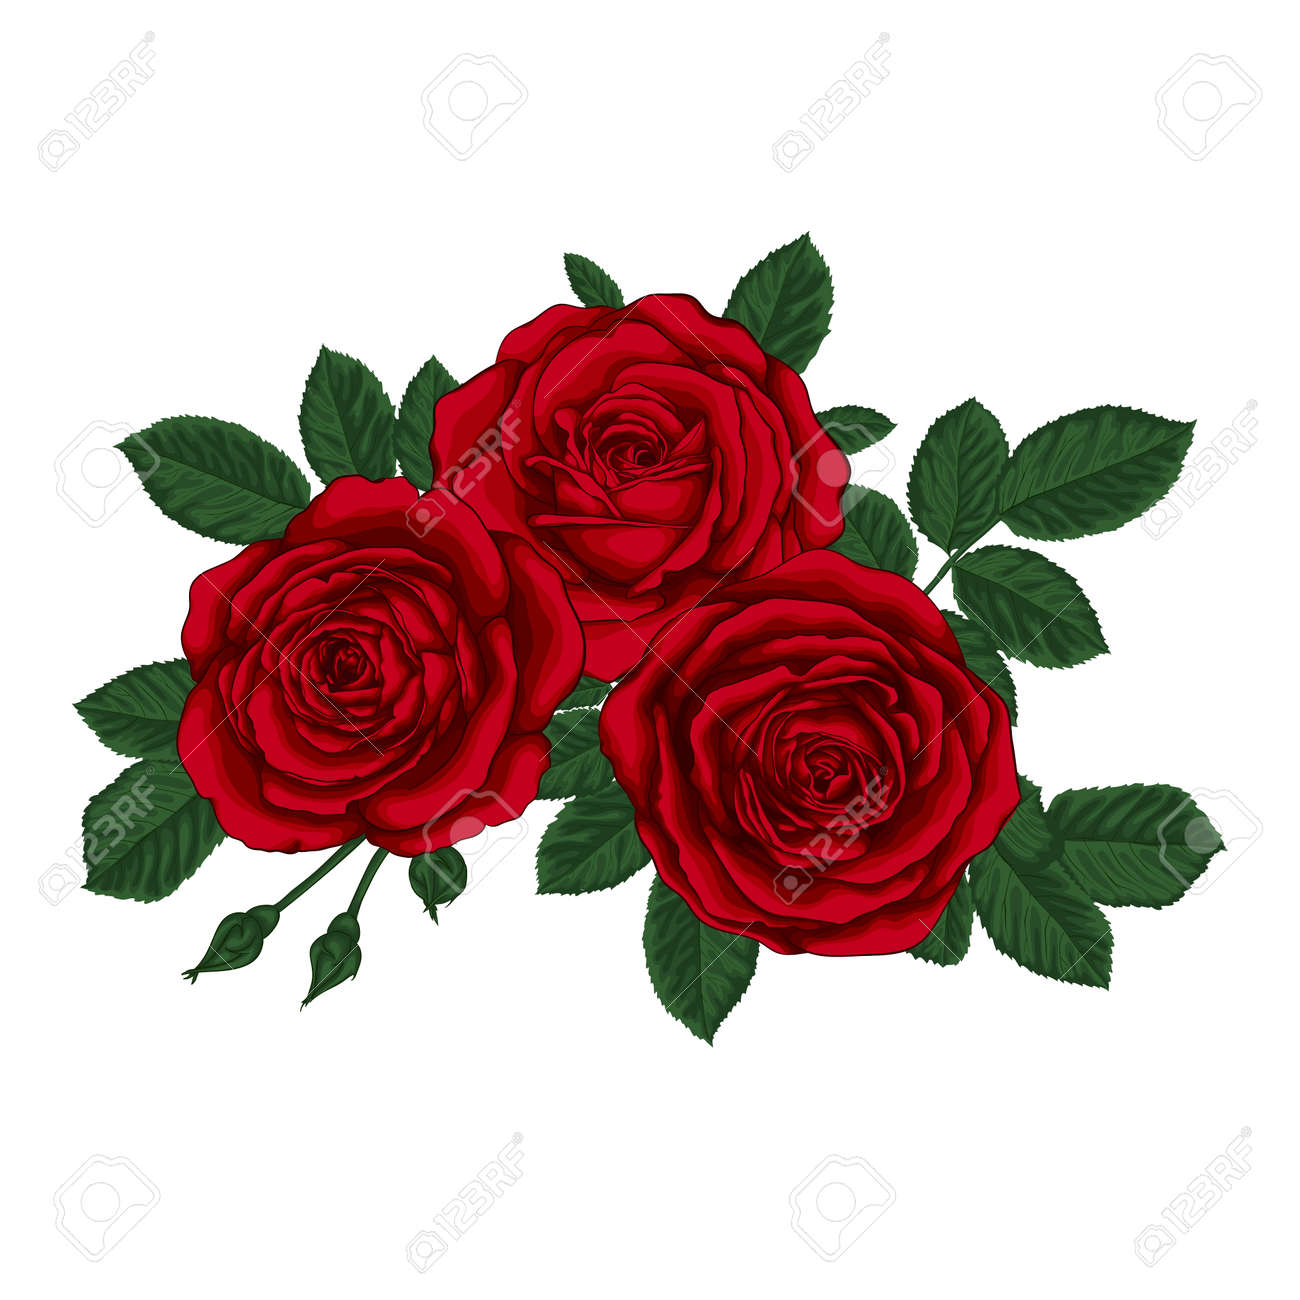 Hermoso Ramo De Tres Rosas Rojas Y Hojas Arreglo Floral Tarjeta De Felicitación Del Diseño Y La Invitación De La Boda Cumpleaños San Valentín El